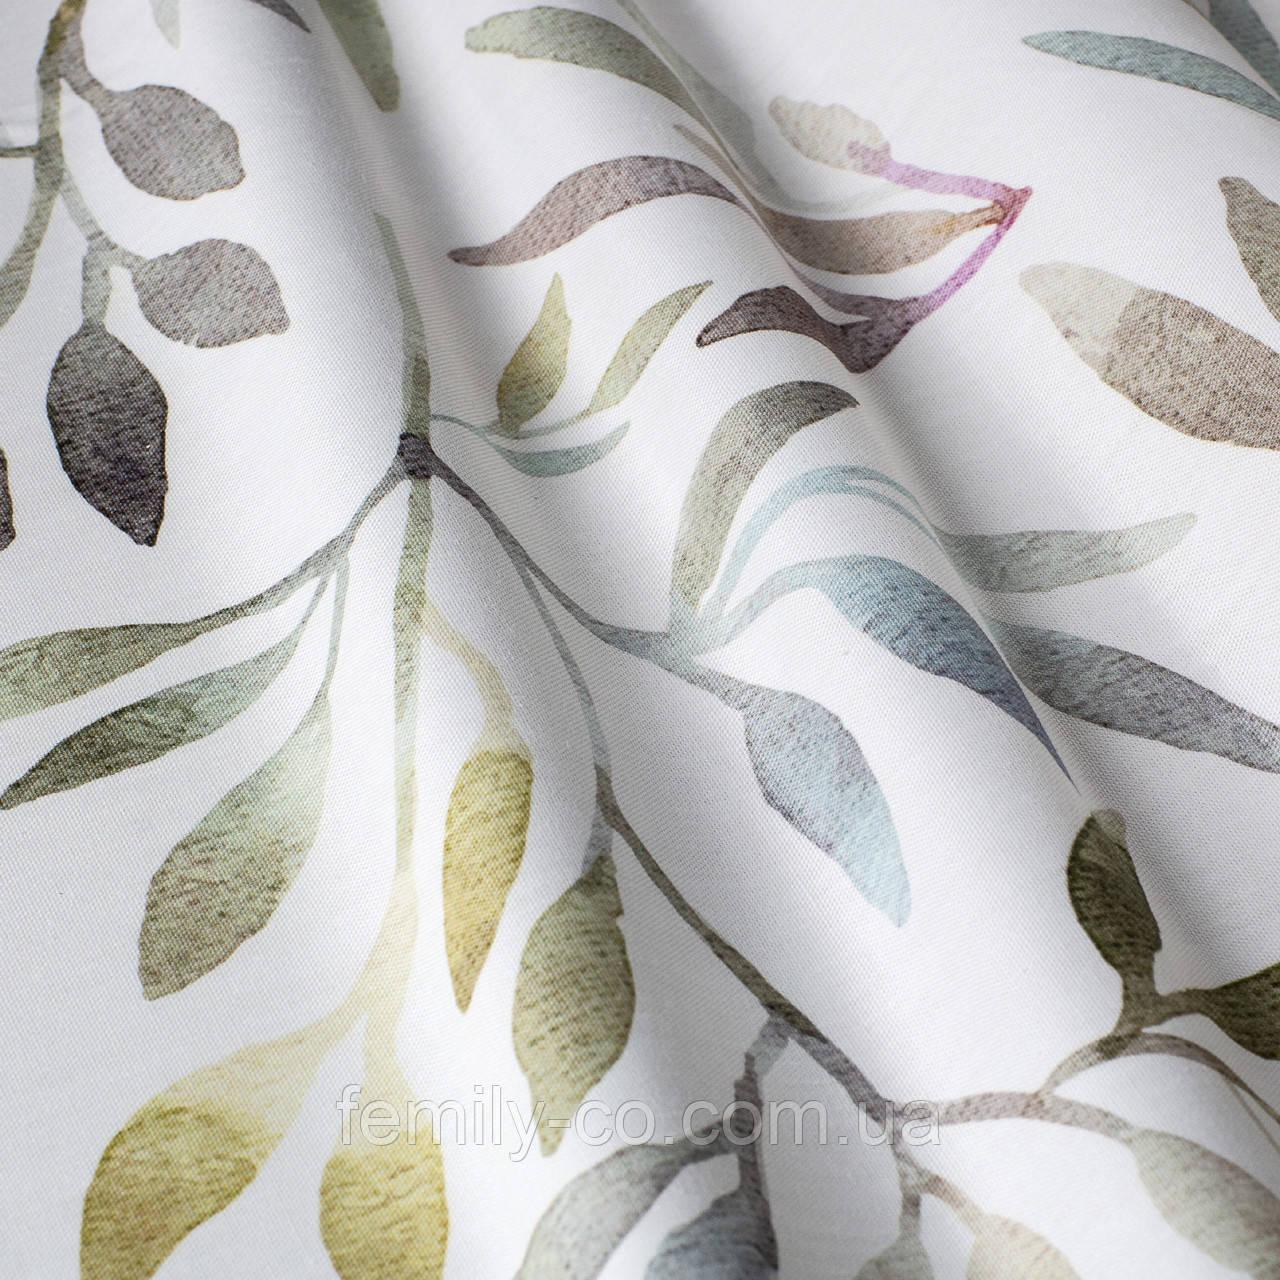 Декоративная ткань с листьями растений голубого и зеленого цвета  84299v1